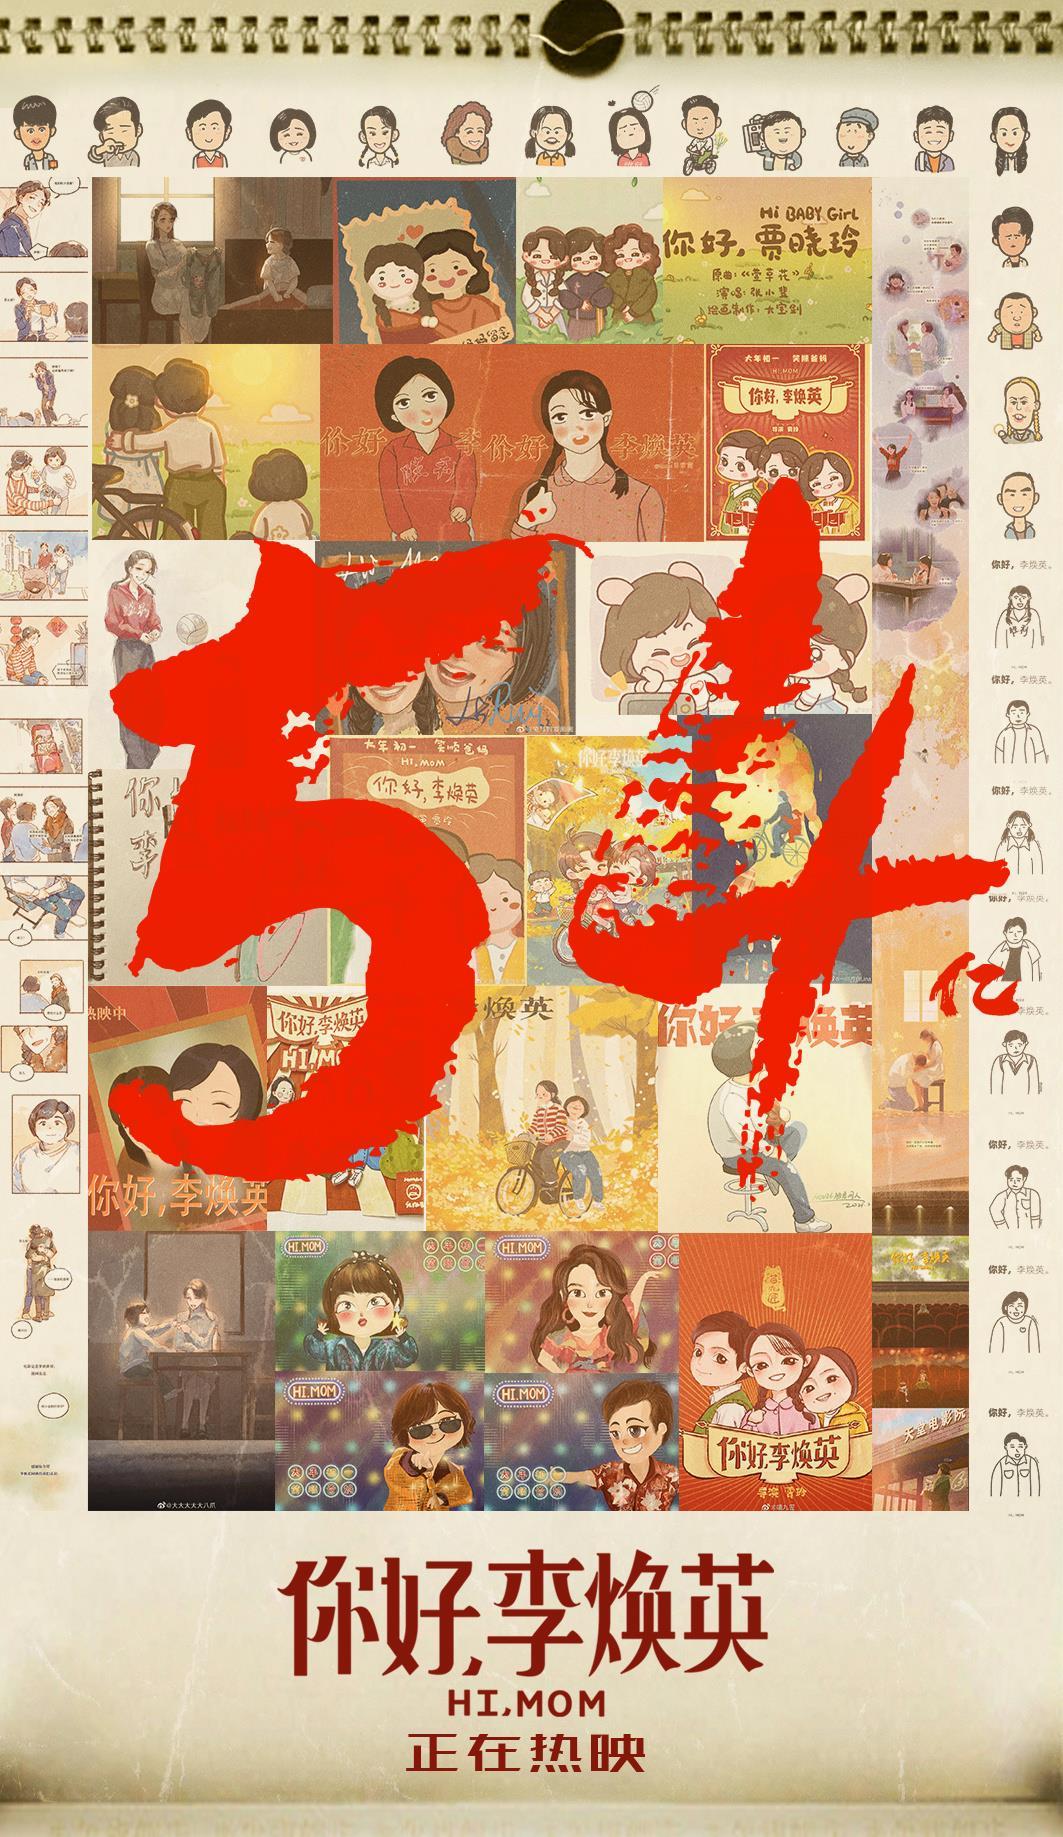 《李焕英》54亿票房背后,电影宣发如何预判市场